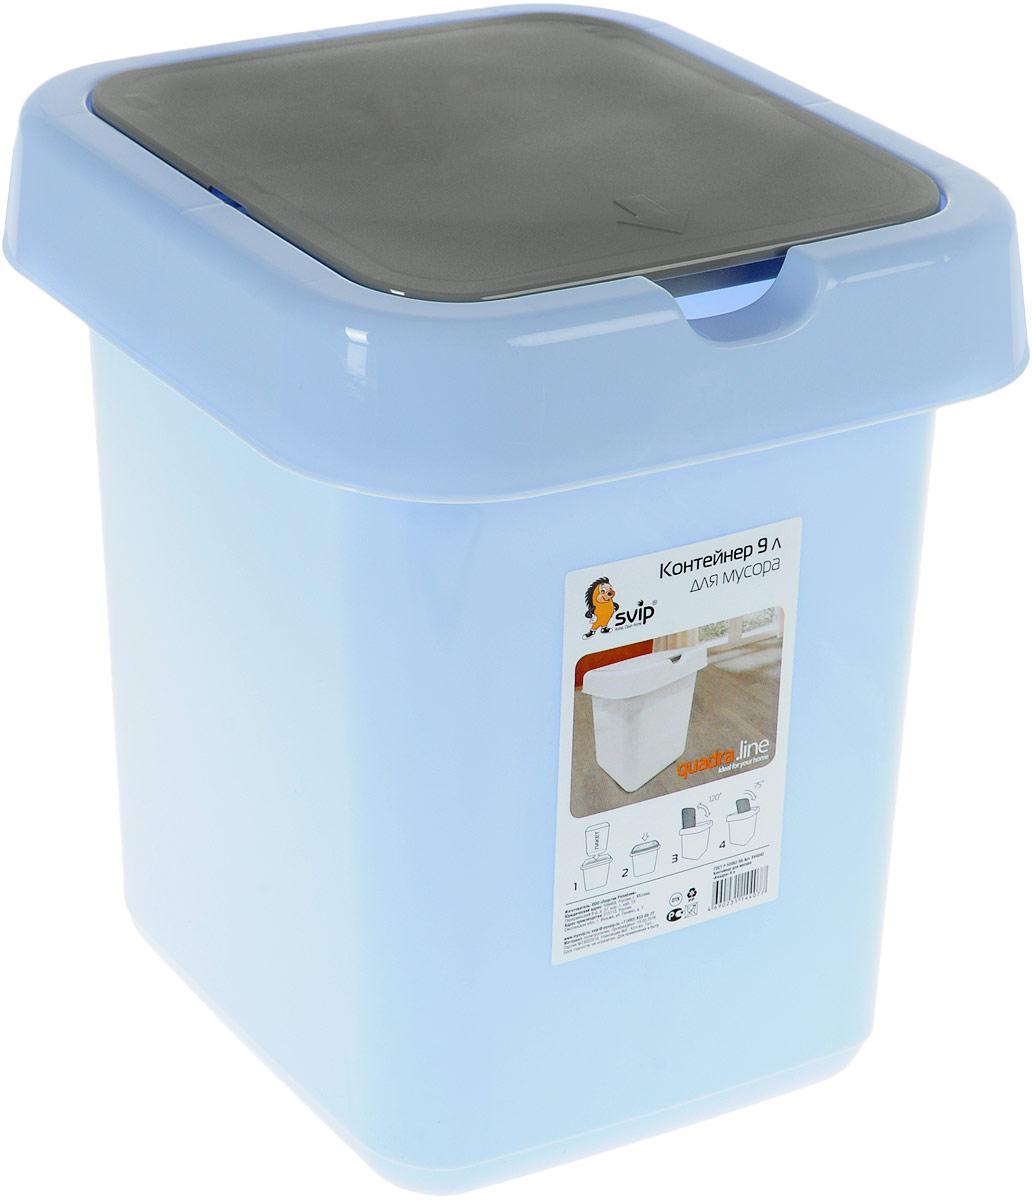 Контейнер для мусора Svip Квадра, цвет: голубой, серый, 9 лSV4042ГЛПМусорный контейнер Svip Квадра поможет поддержать порядок и чистоту на кухне, в туалетной комнате или в офисе. Изделие, выполненное из полипропилена, не боится ударов и долгих лет использования. Изделие оснащено крышкой с двойным механизмом открывания, что обеспечивает максимально удобное использование: откидной крышкой можно воспользоваться при выбрасывании большого мусора, крышкой-маятником - для мусора меньшего объема. Скрытые борта в корпусе изделия для аккуратного использования одноразовых пакетов и сохранения эстетики изделия. Съемная верхняя часть контейнера обеспечивает удобство извлечения накопившегося мусора. Эстетика изделия превращает необходимый предмет кухни или туалетной комнаты в стильное дополнение к интерьеру. Его легкость и прочность оптимально решают проблему сбора мусора.